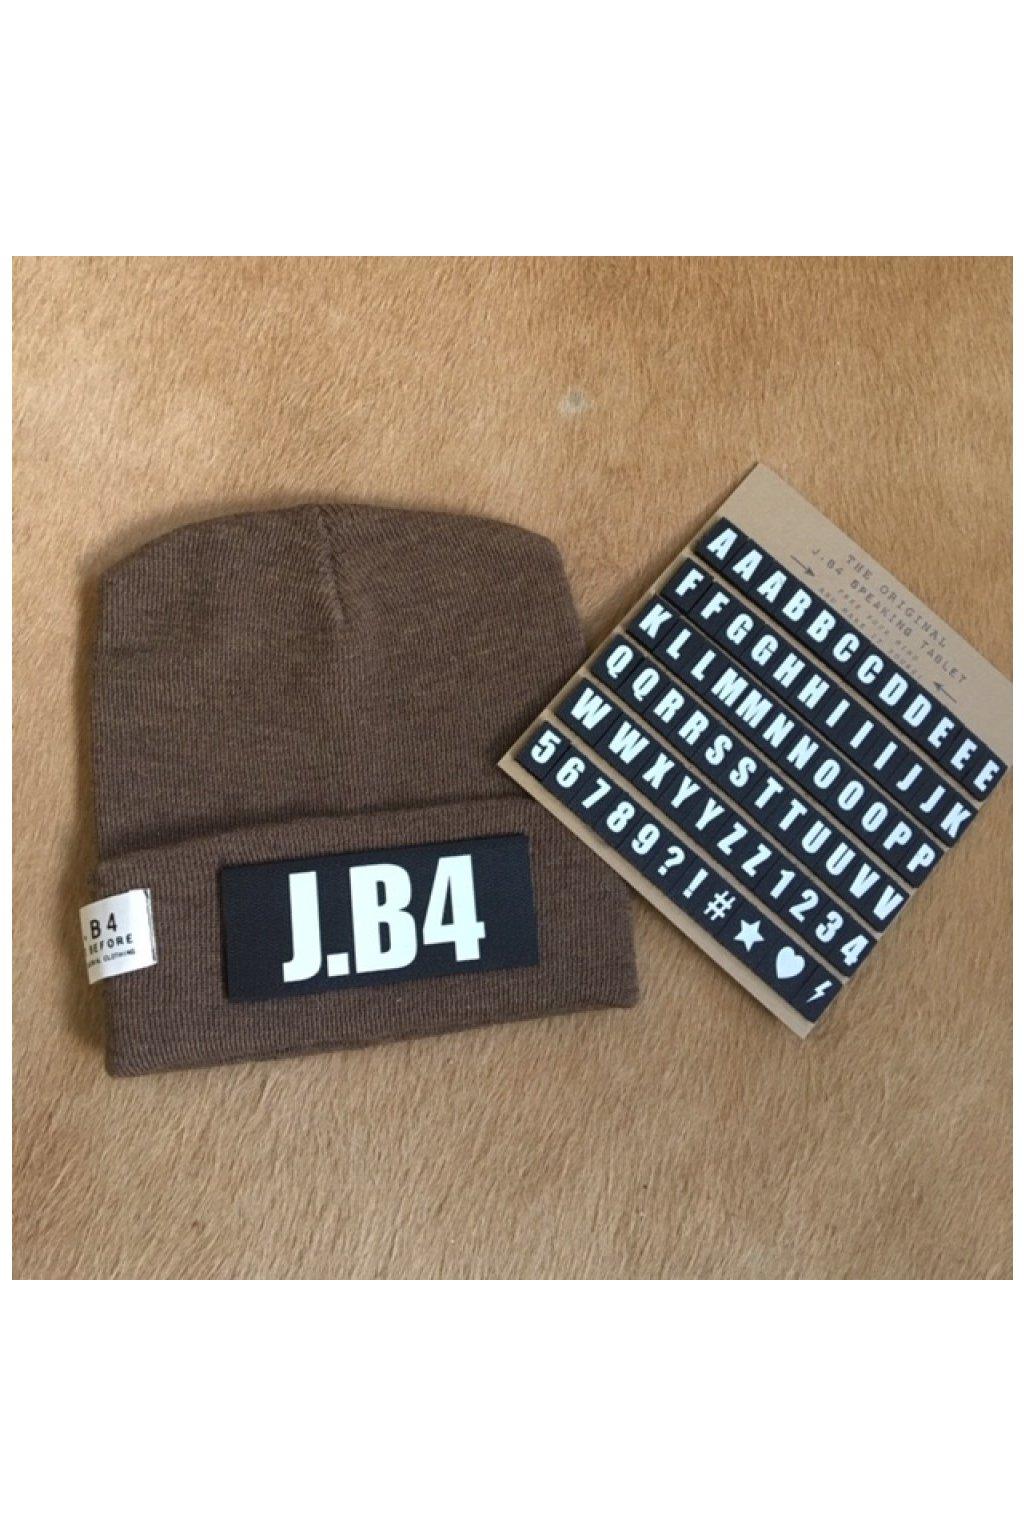 Čepice J.B4 - personalizovaná, hnědá (Velikost Velikost UNI)